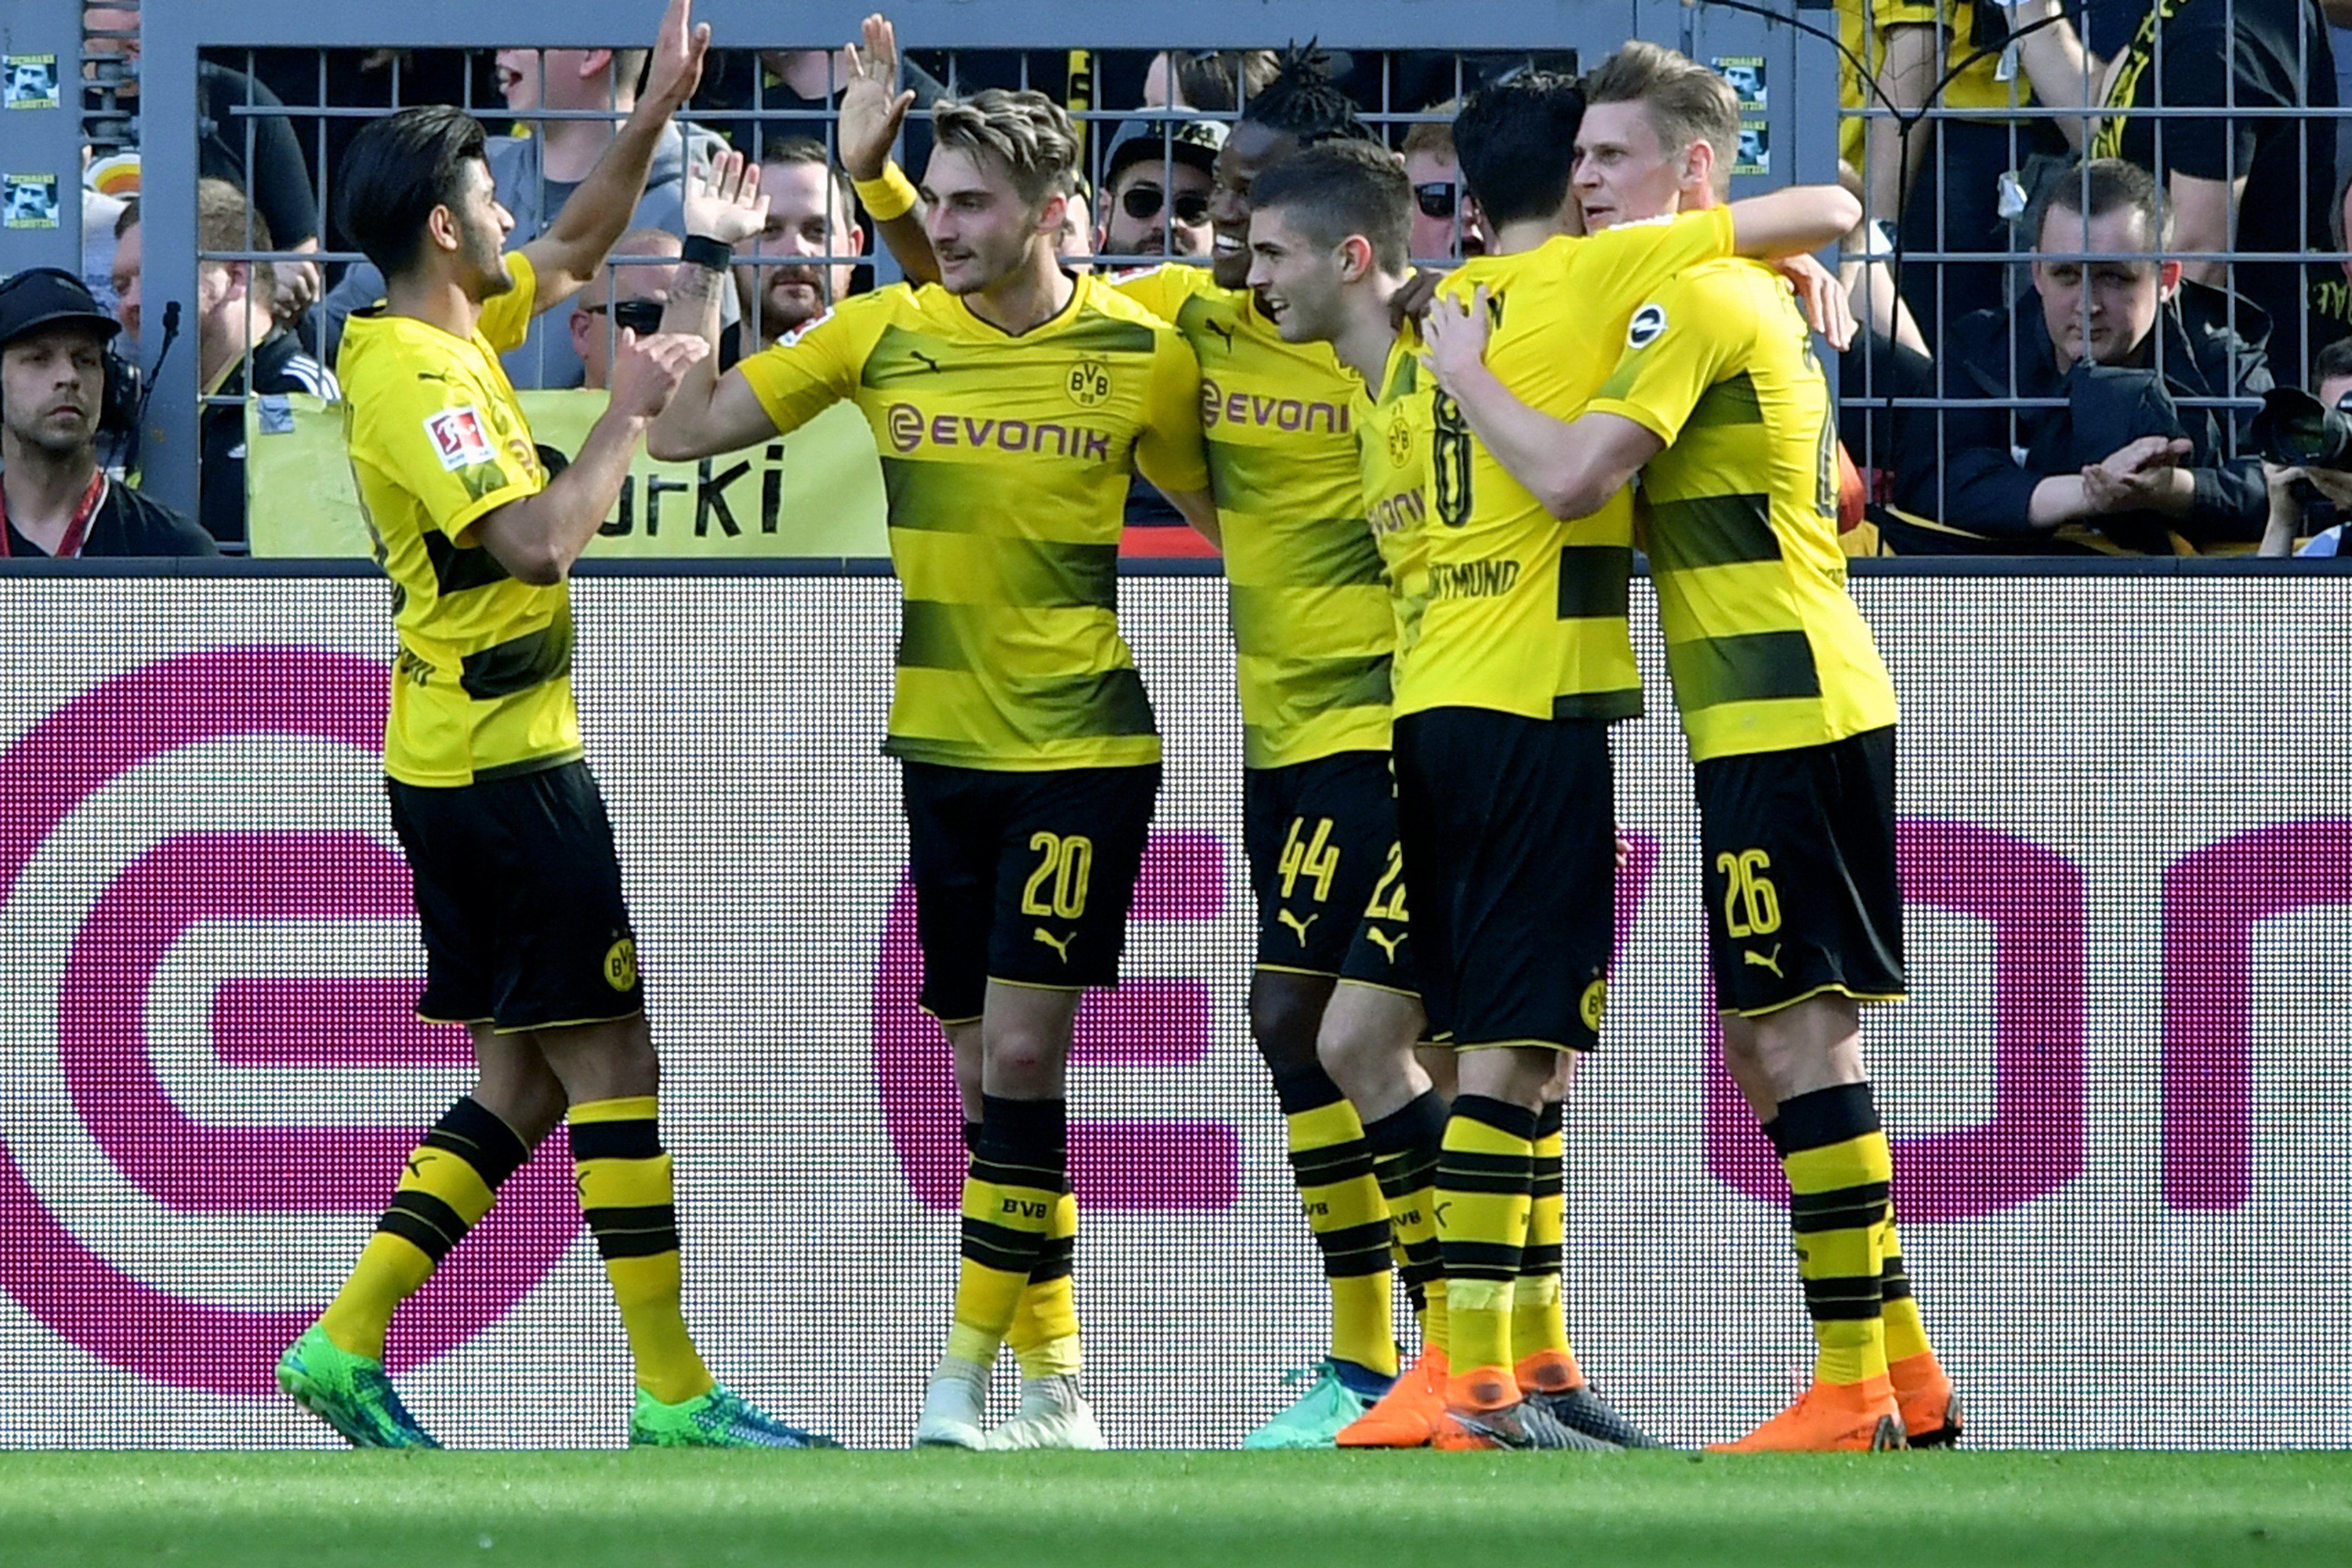 El Dortmund logró un valioso triunfo. Foto: EFE